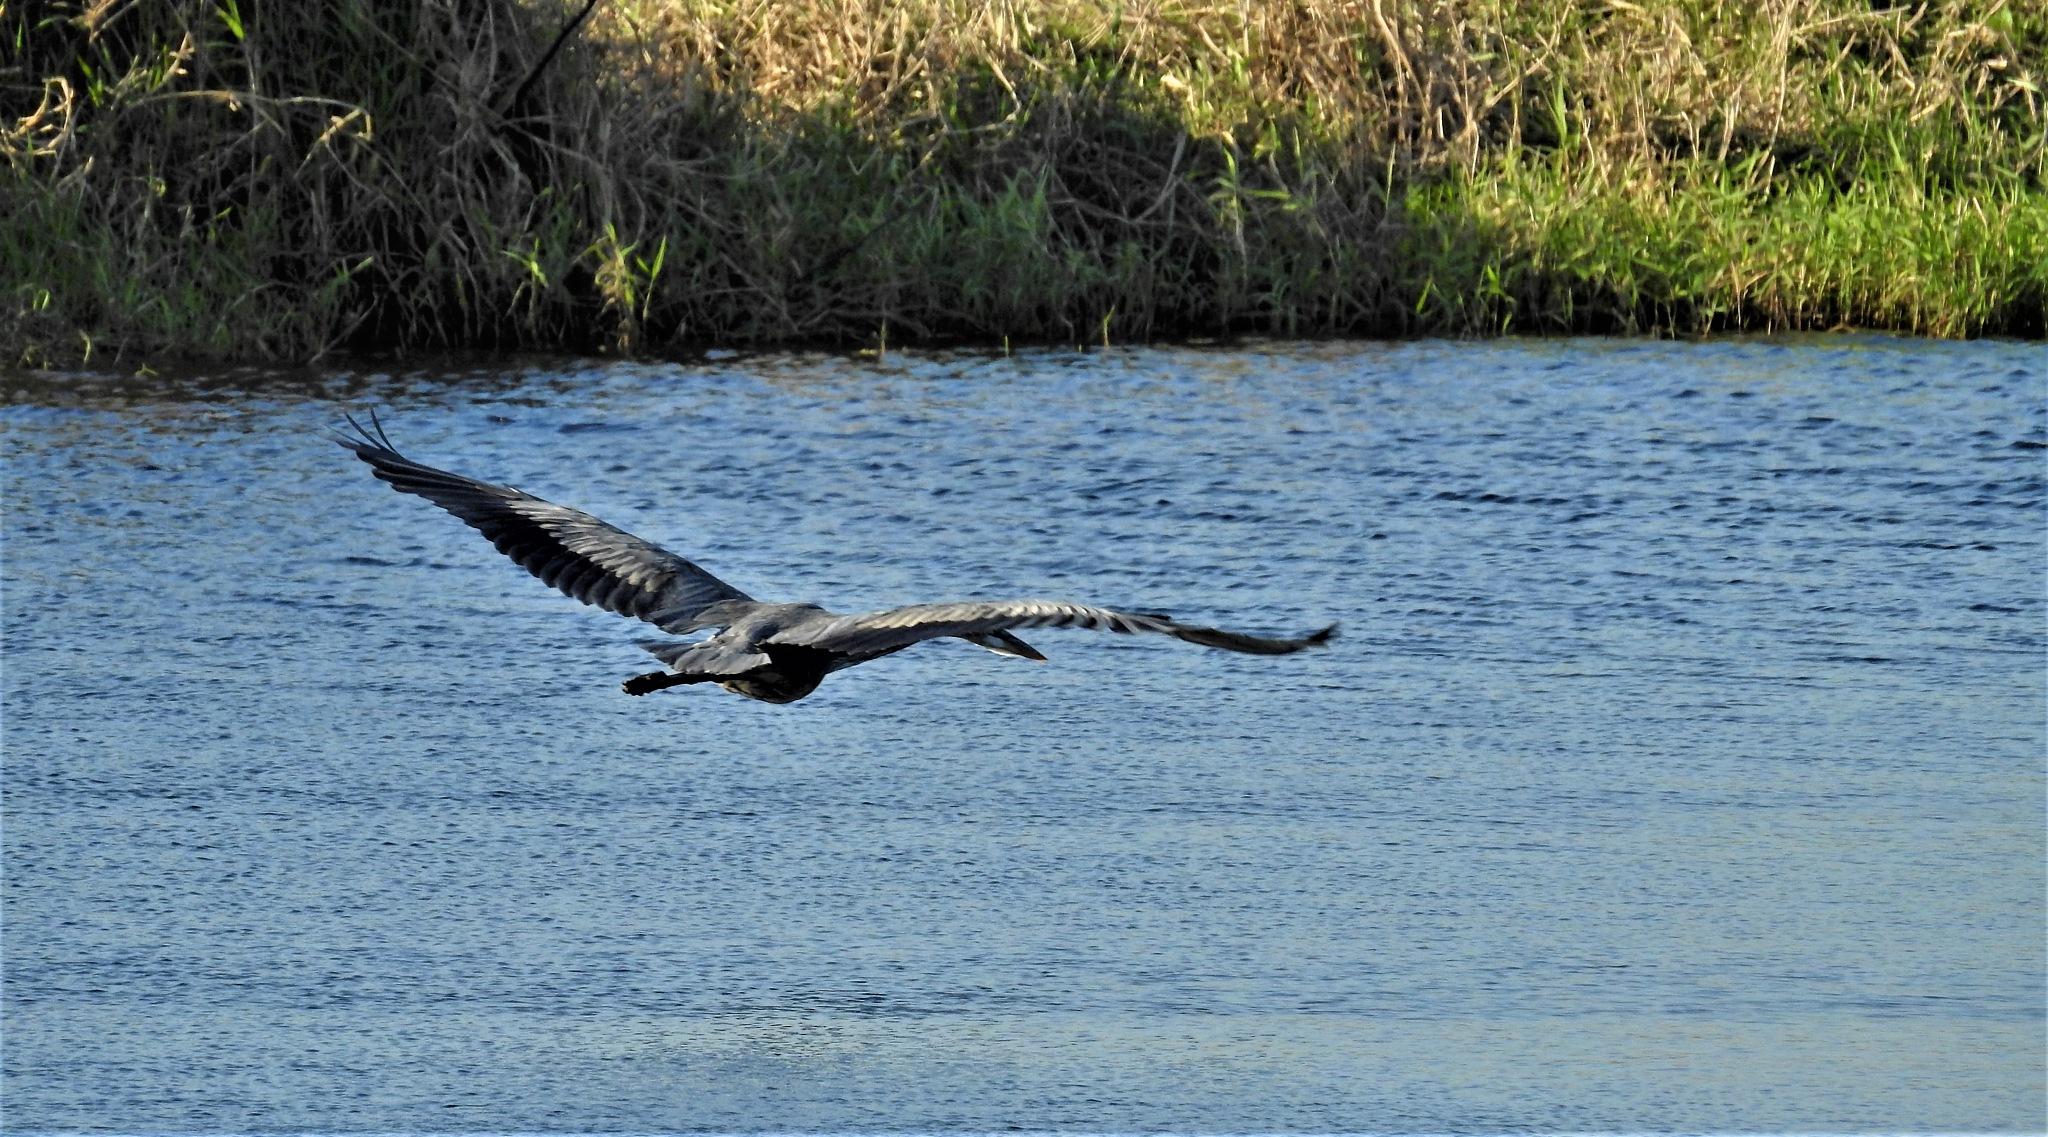 Flight - Great Blue Heron by Susan Harrison